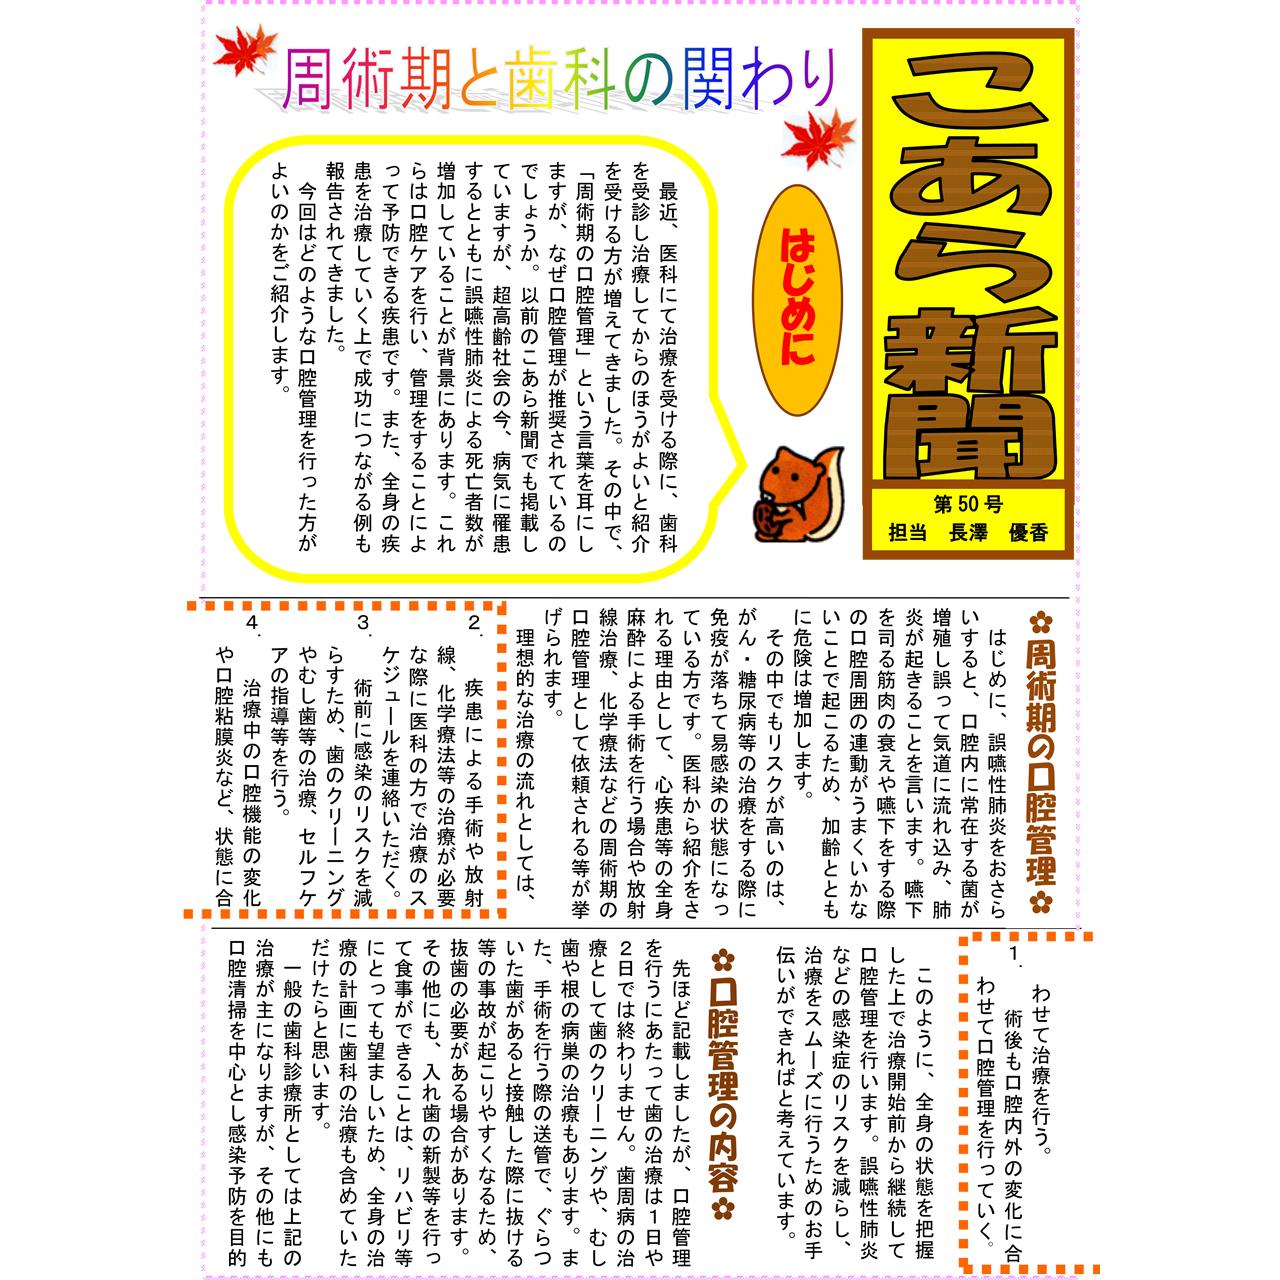 こあら新聞 第50号 担当 長澤